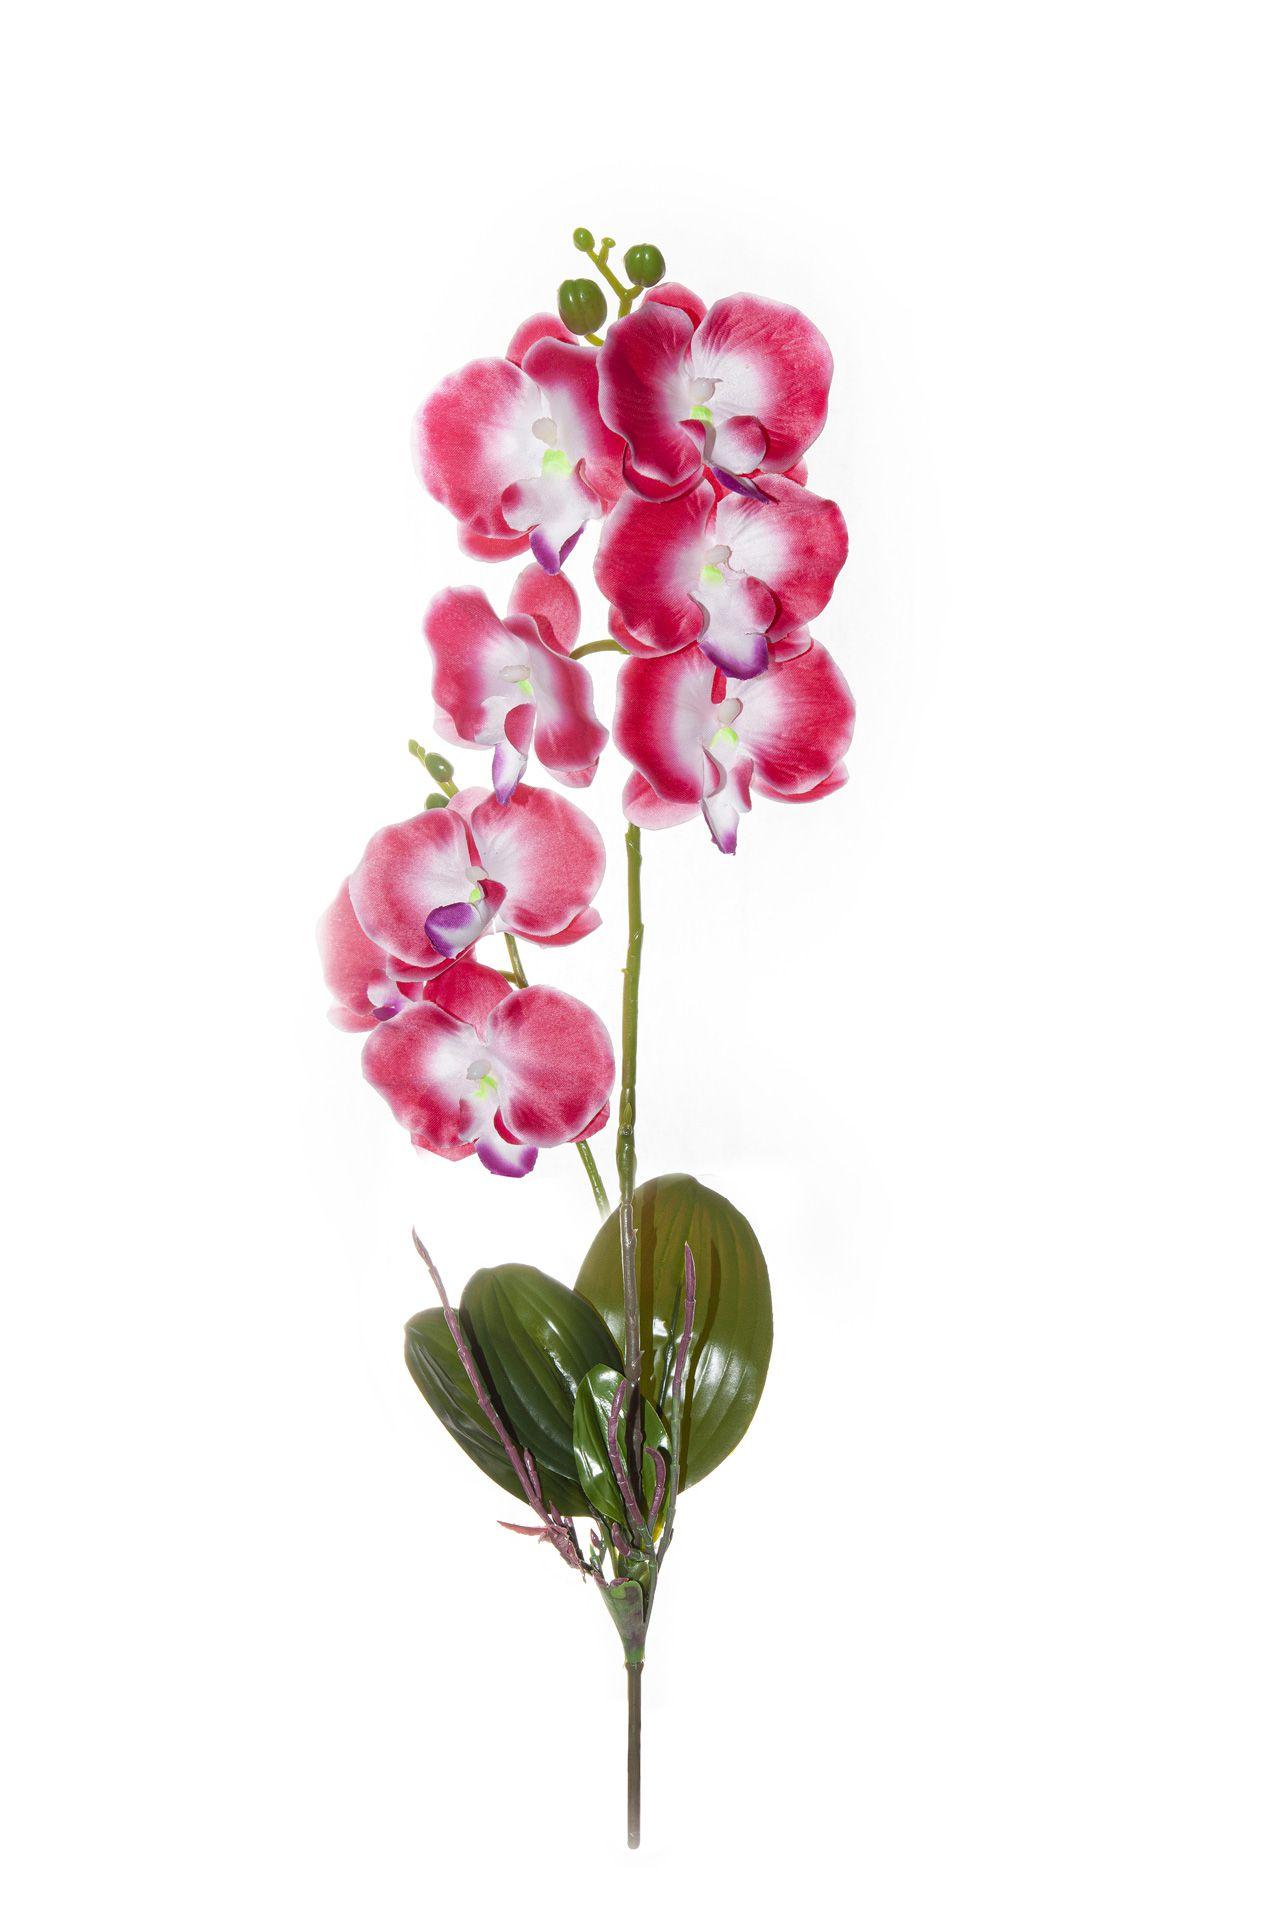 Flor De Orquídea C/Folha - X8 - 52Cm Altura